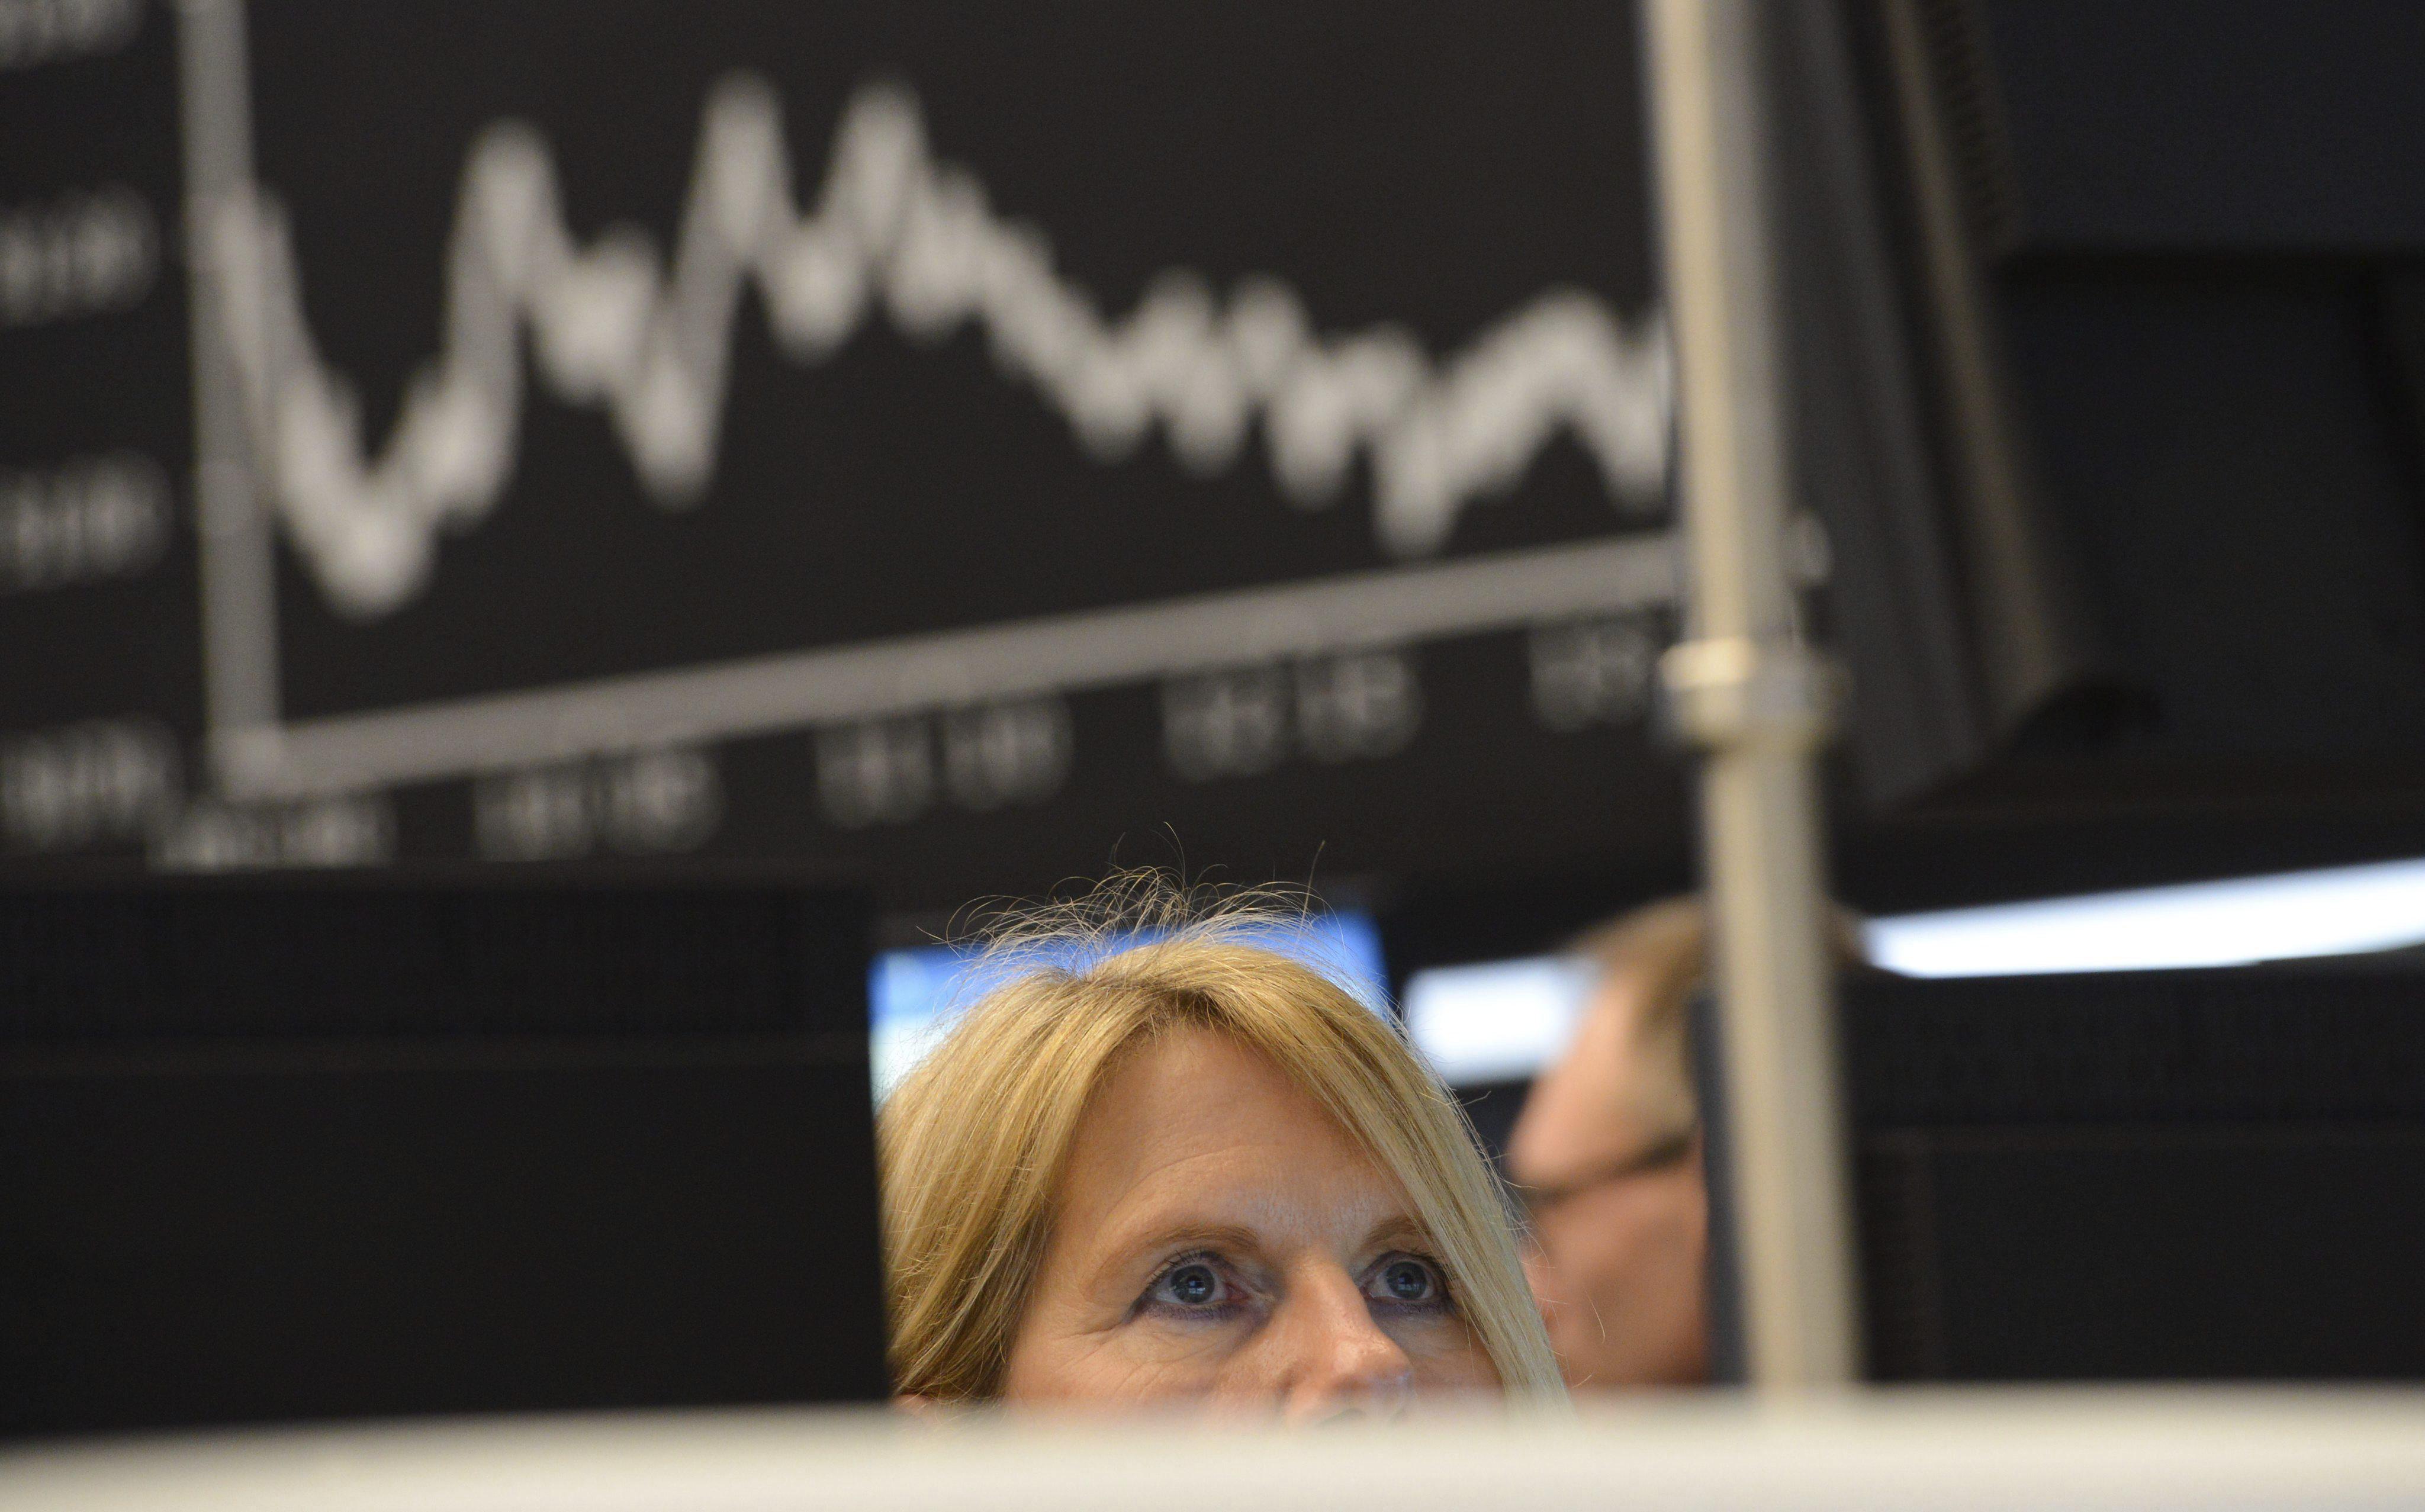 El DAX 30 alemán baja un 0,19 por ciento en la apertura, hasta los 9.611,16